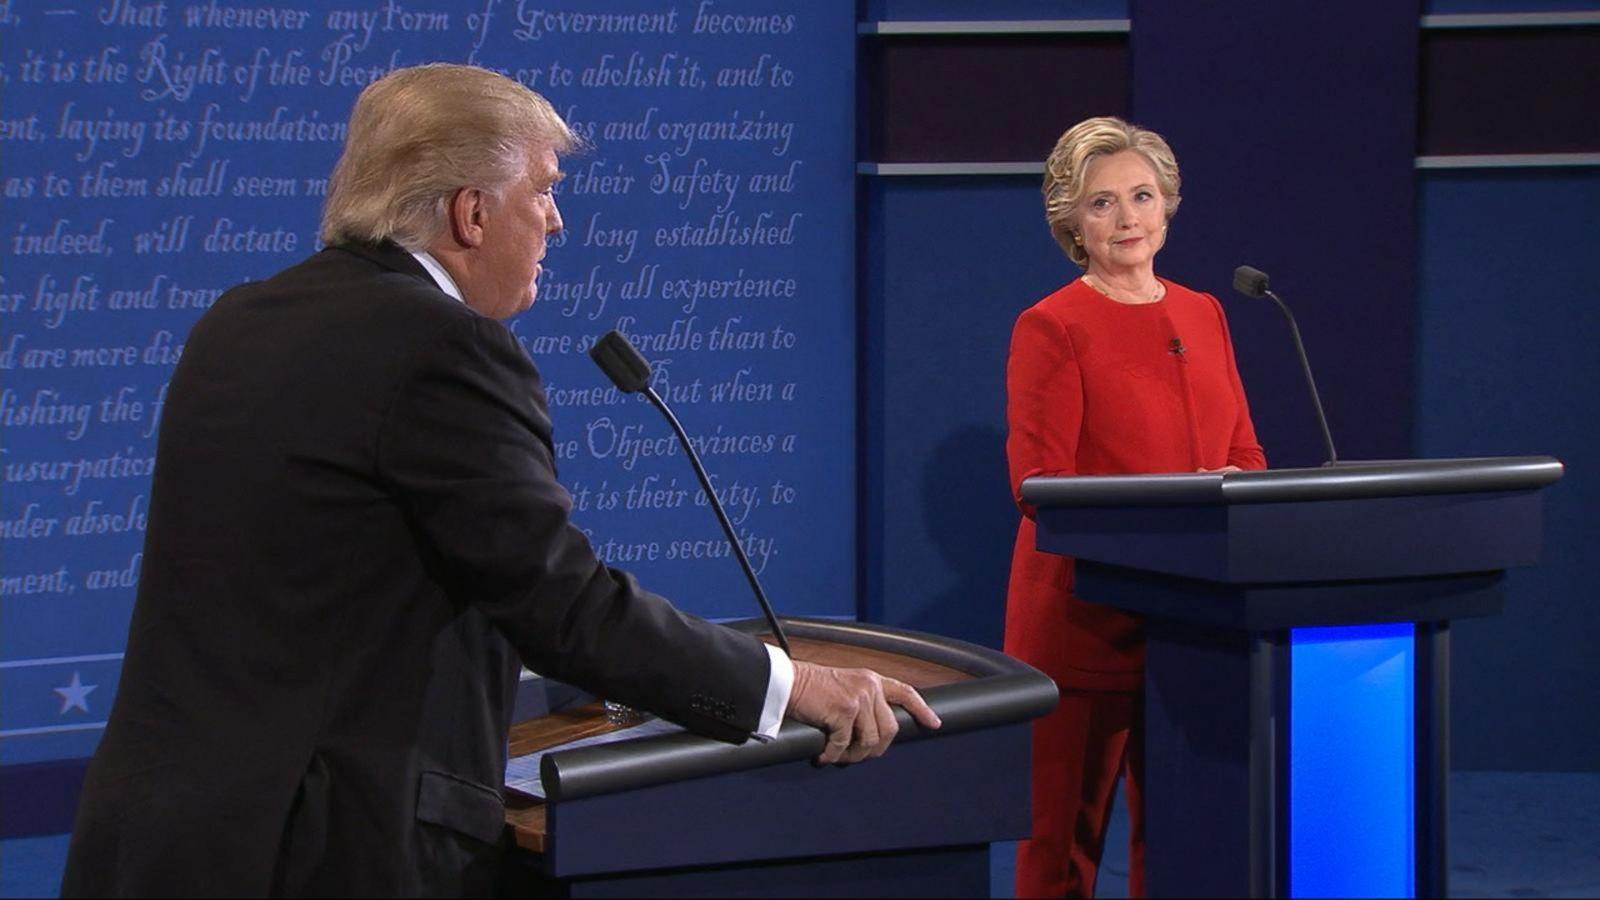 VIDEO: Techbytes: Most Tweeted Presidential Debate